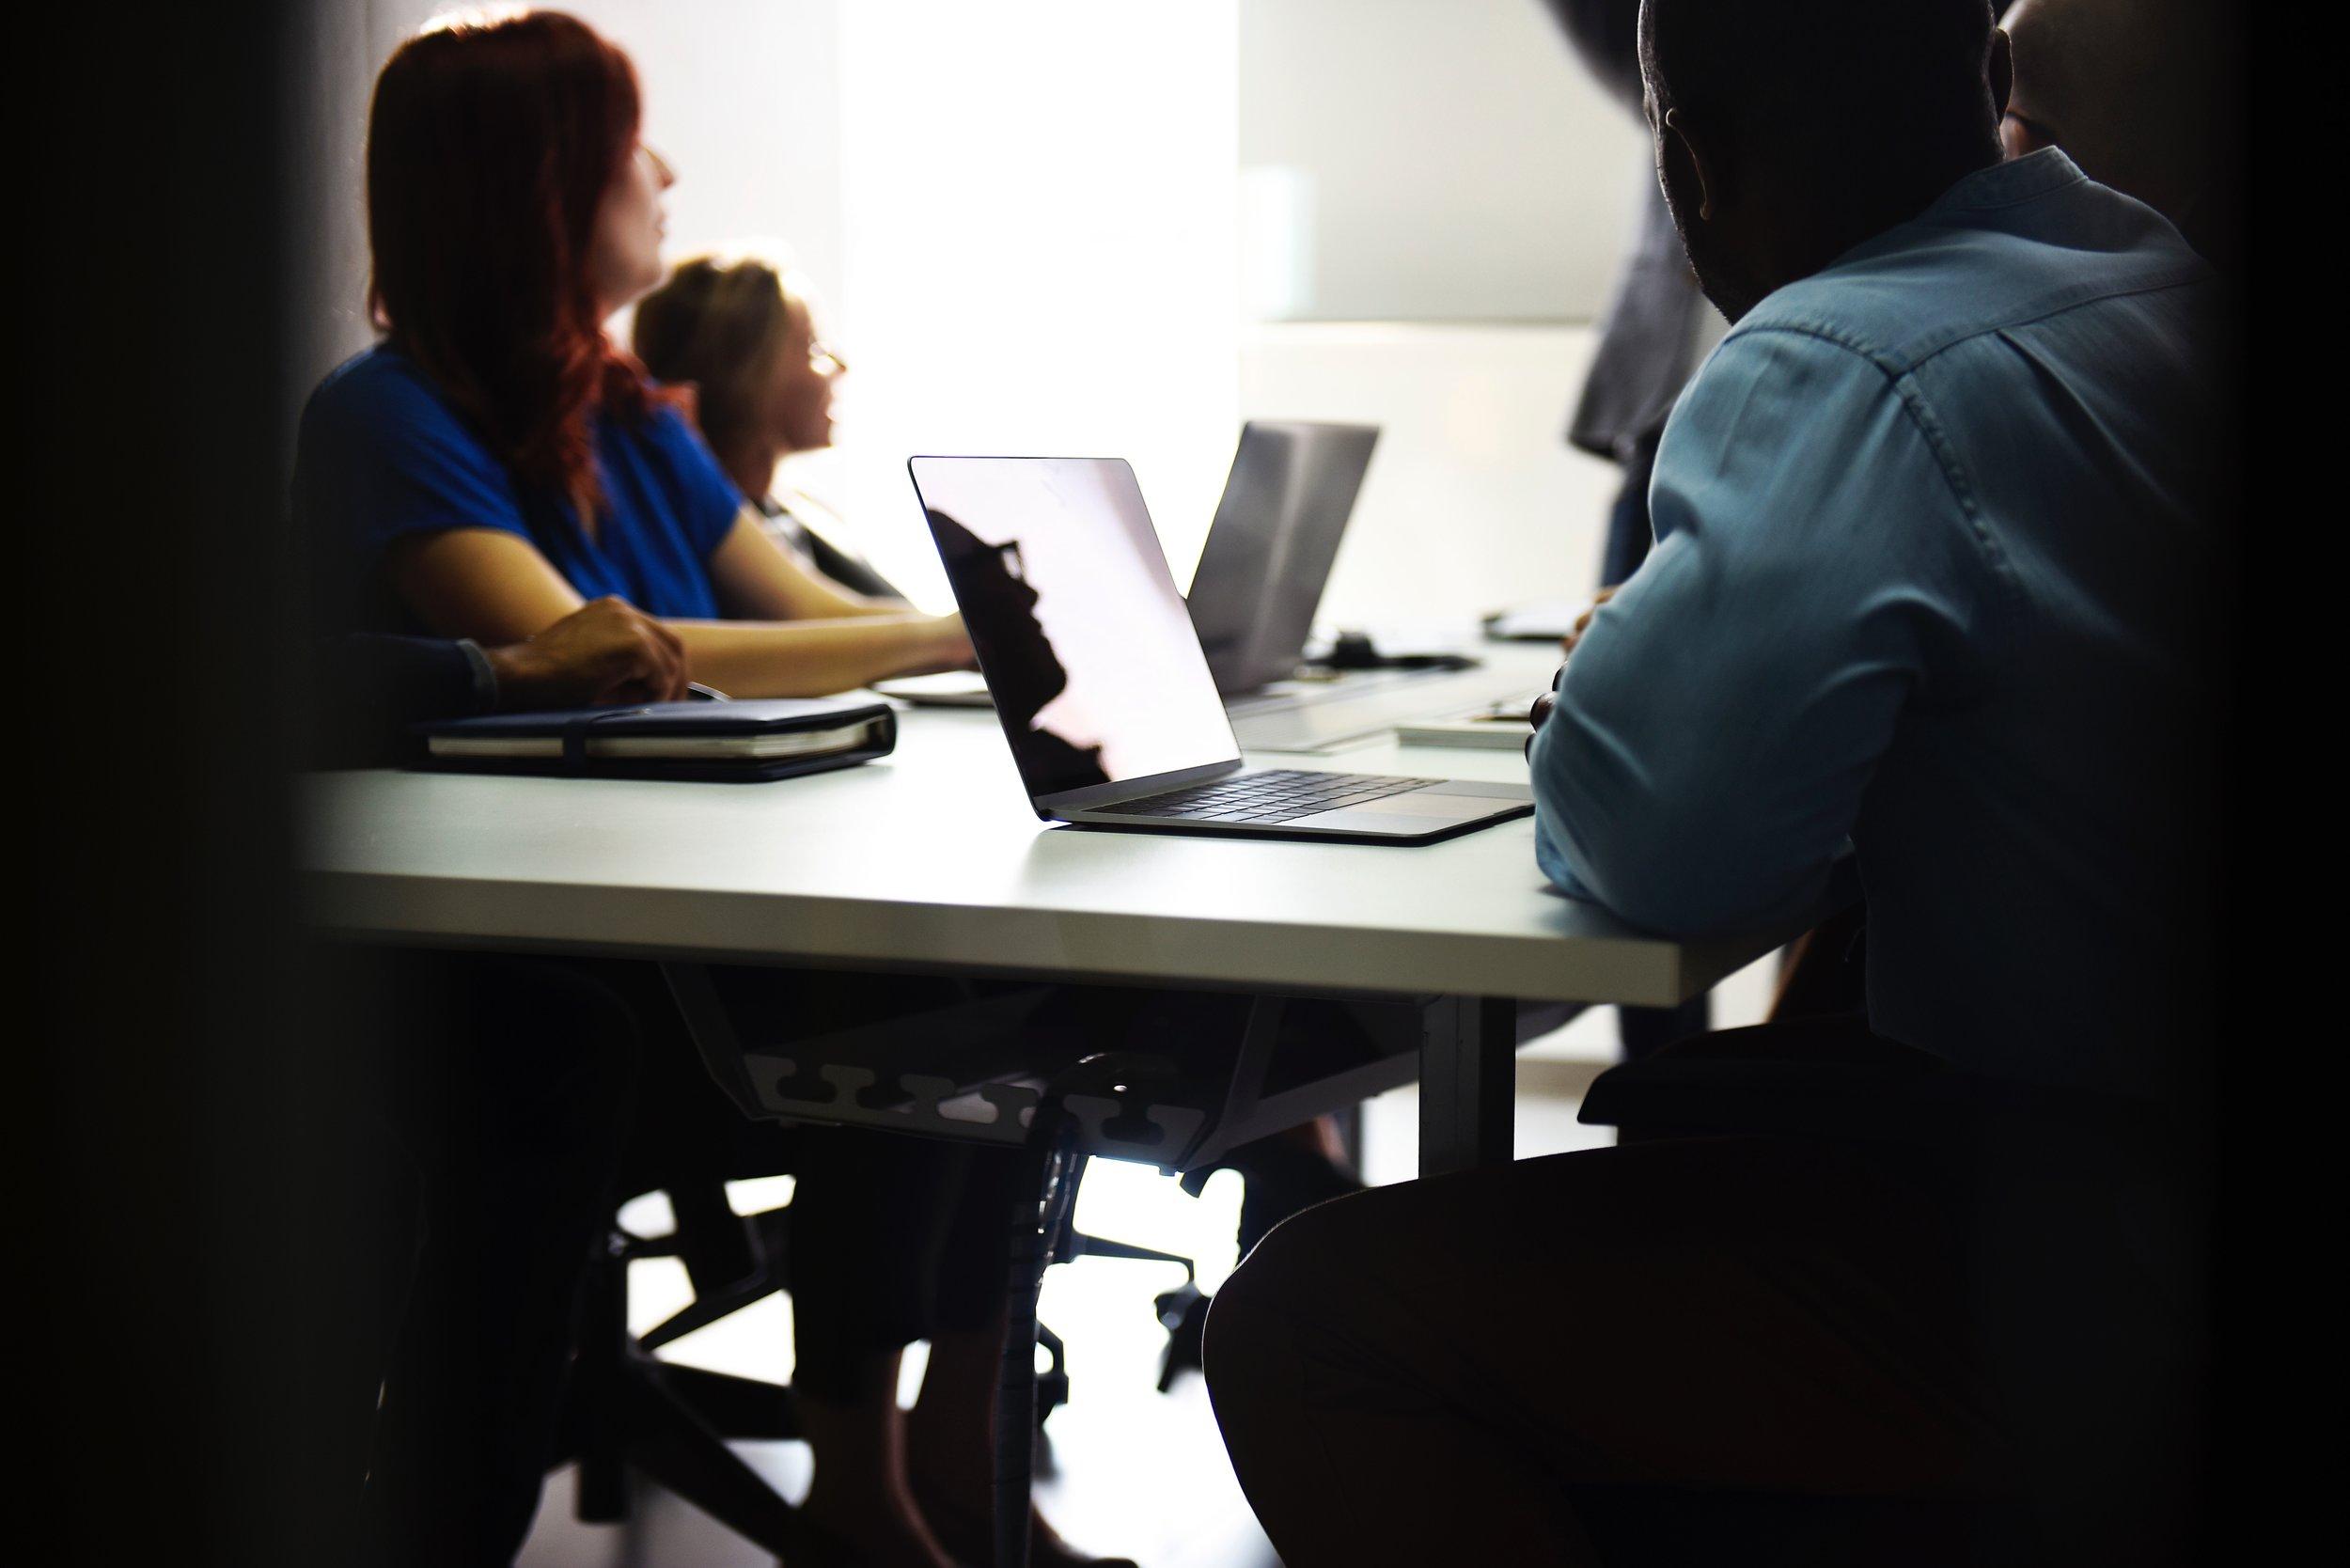 Vi utbildar din verksamhet - Vi vet att övergrepp går att förebygga och att omgivningen kan bemöta den som drabbats på ett stödjande sätt. Läs mer om utbildningar och föreläsningar.